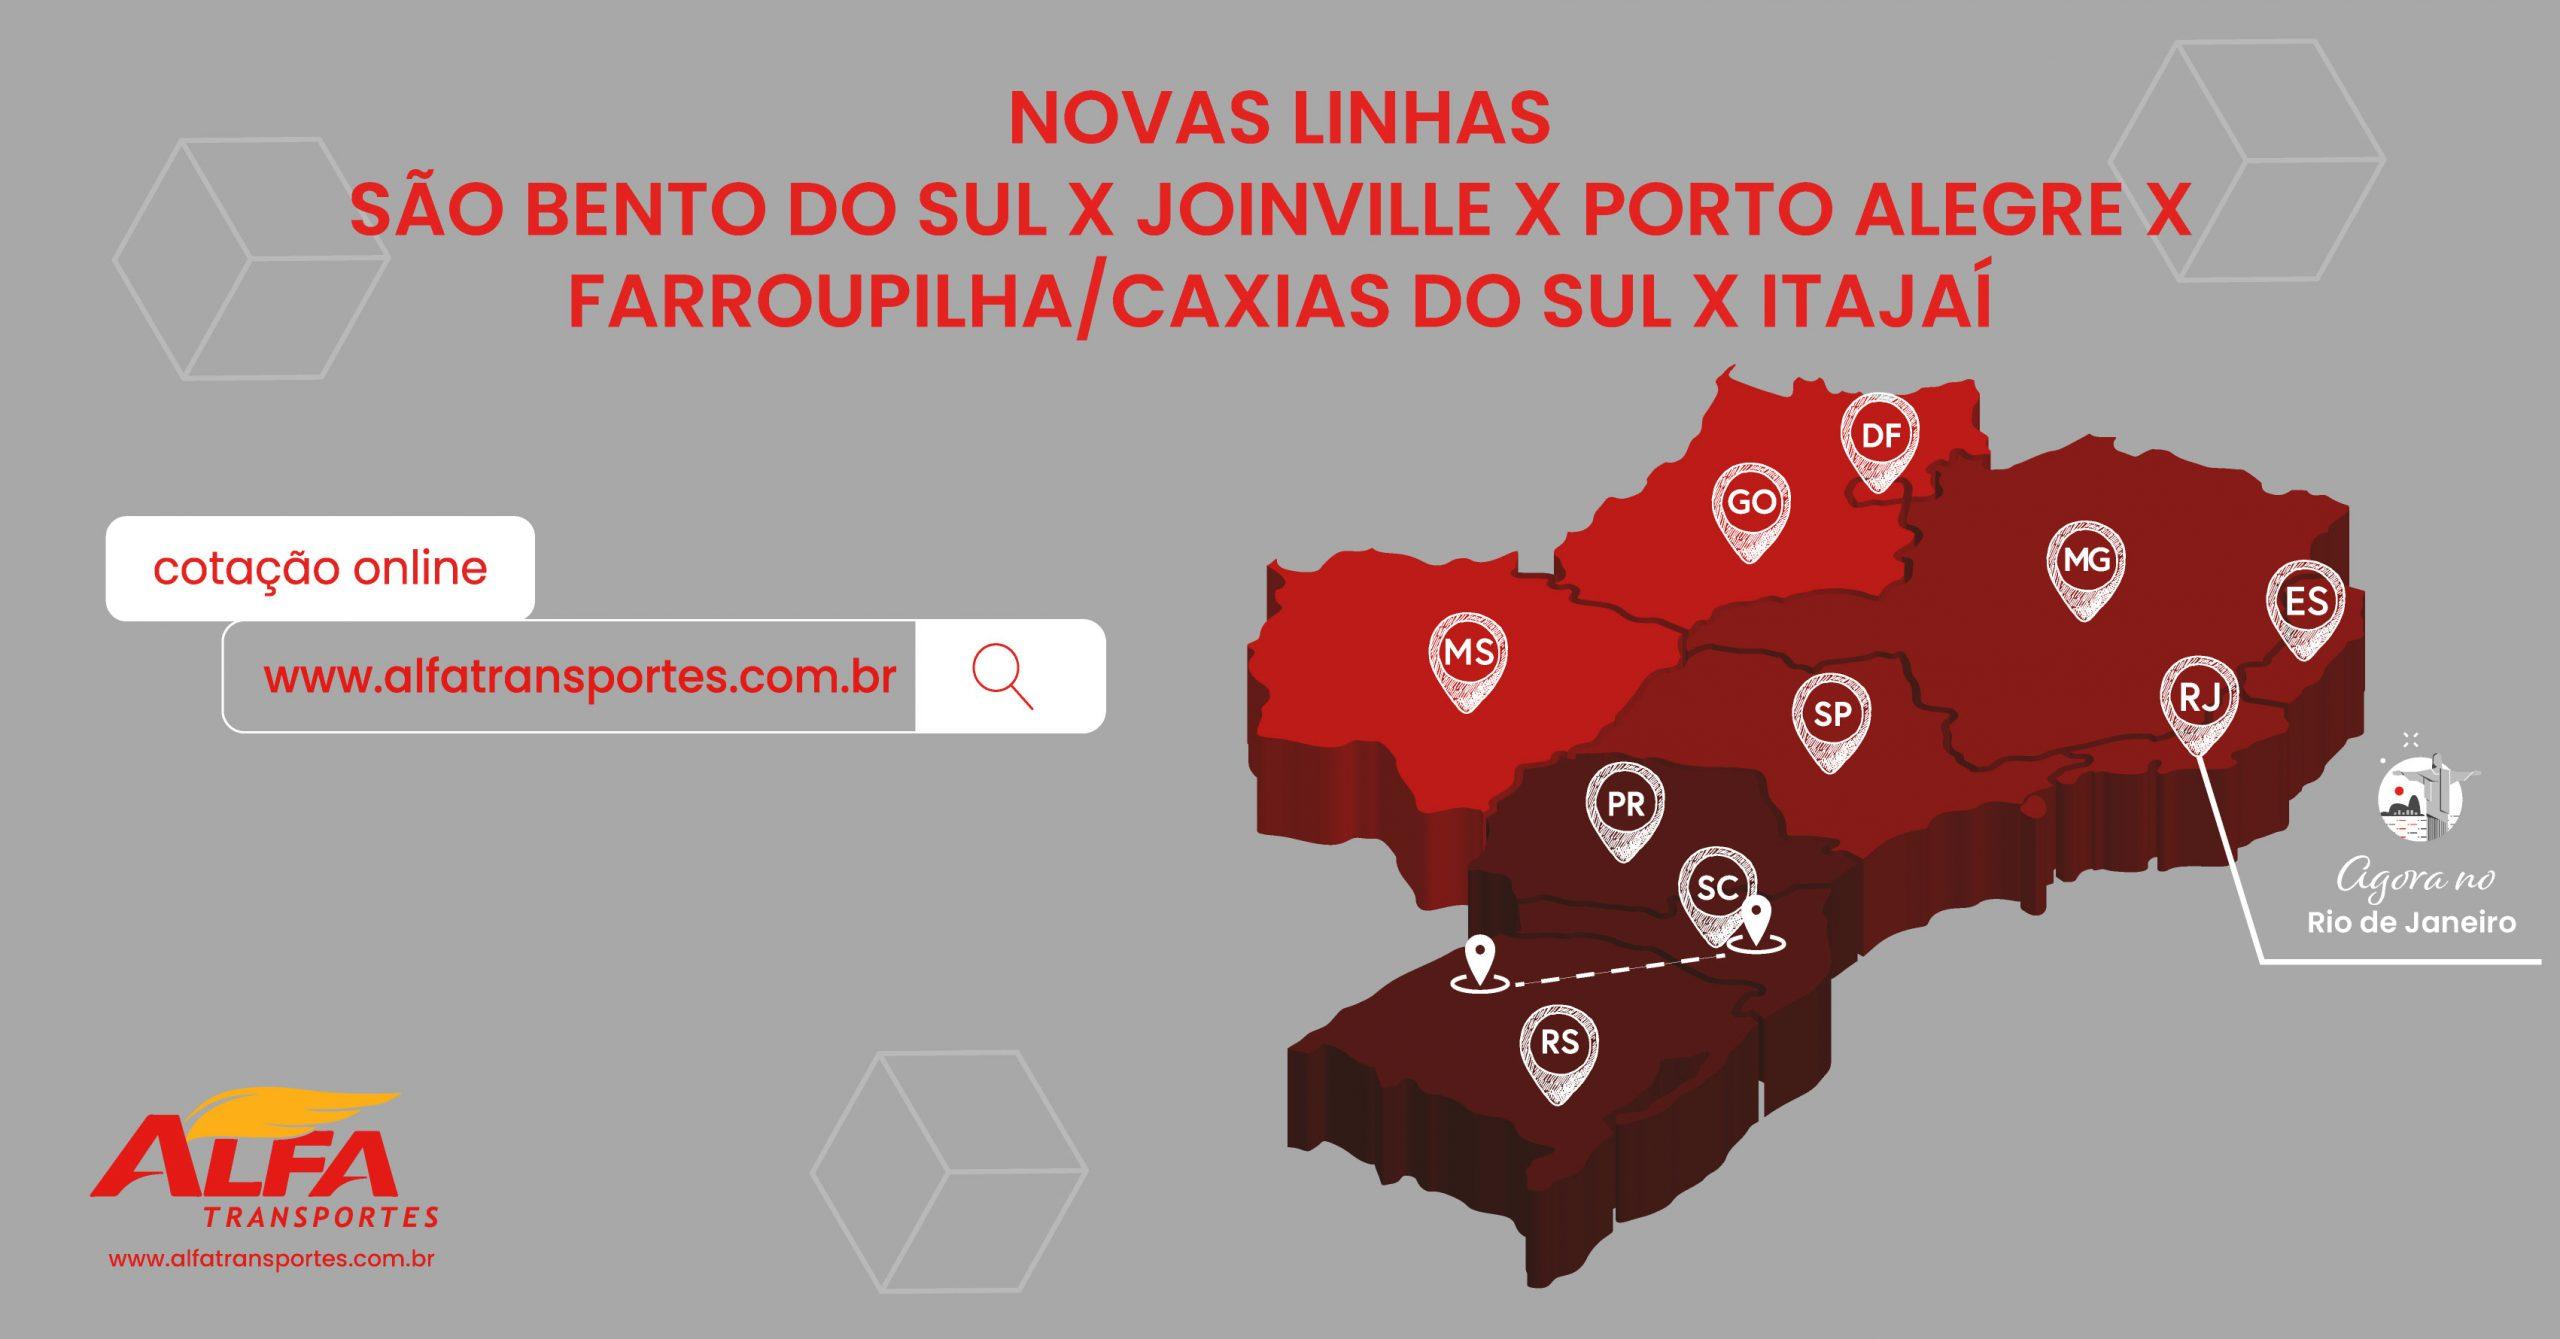 rota-litoralx-rs-blog